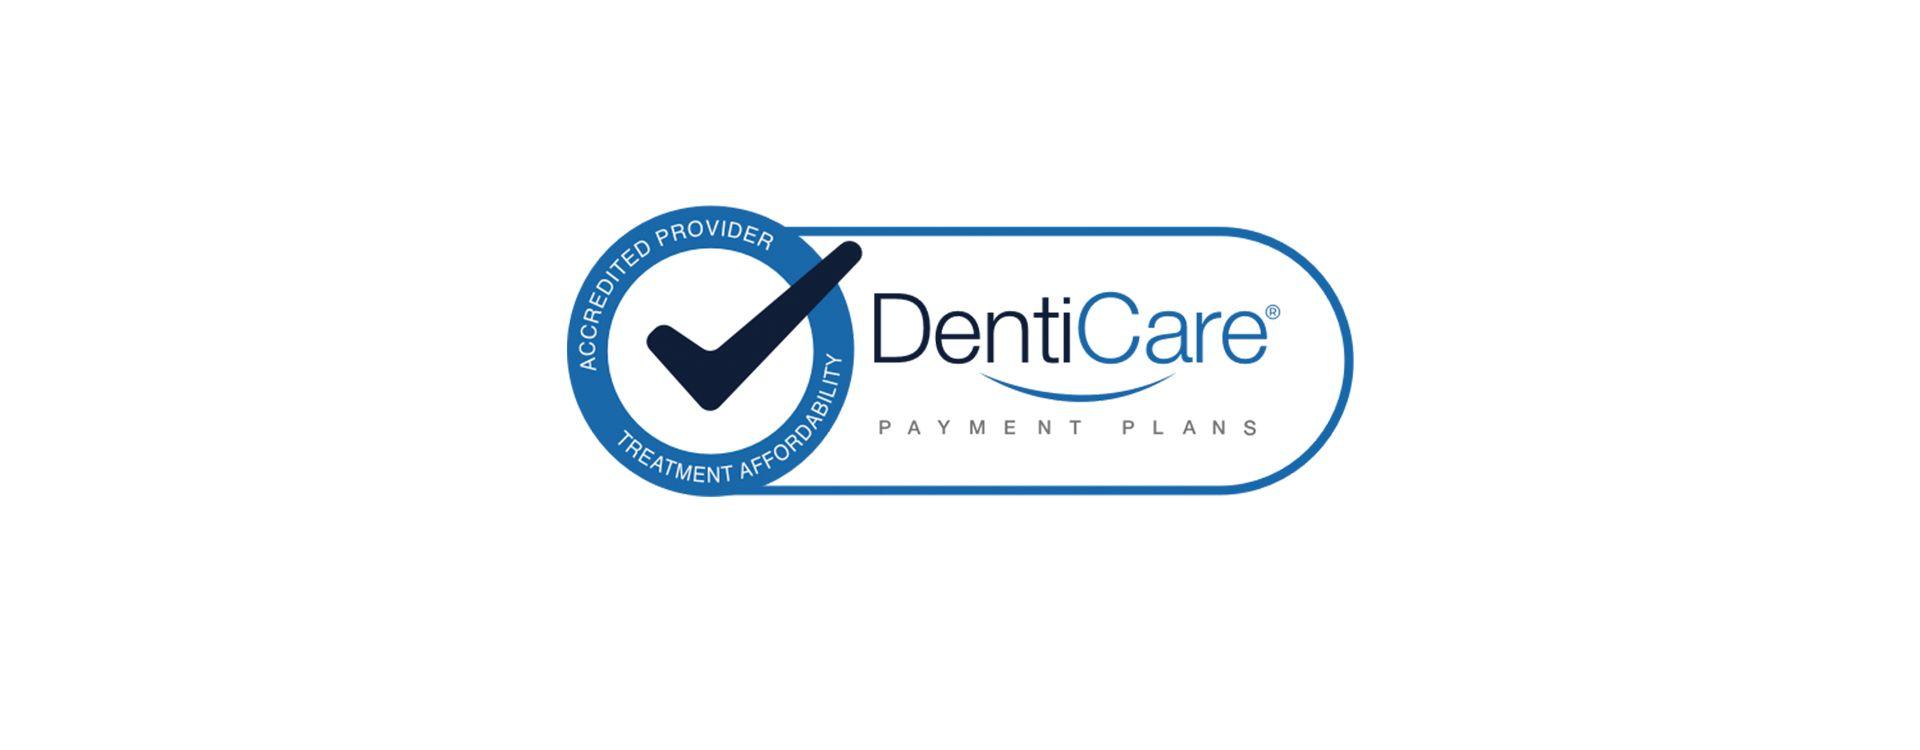 DentiCare payment plan